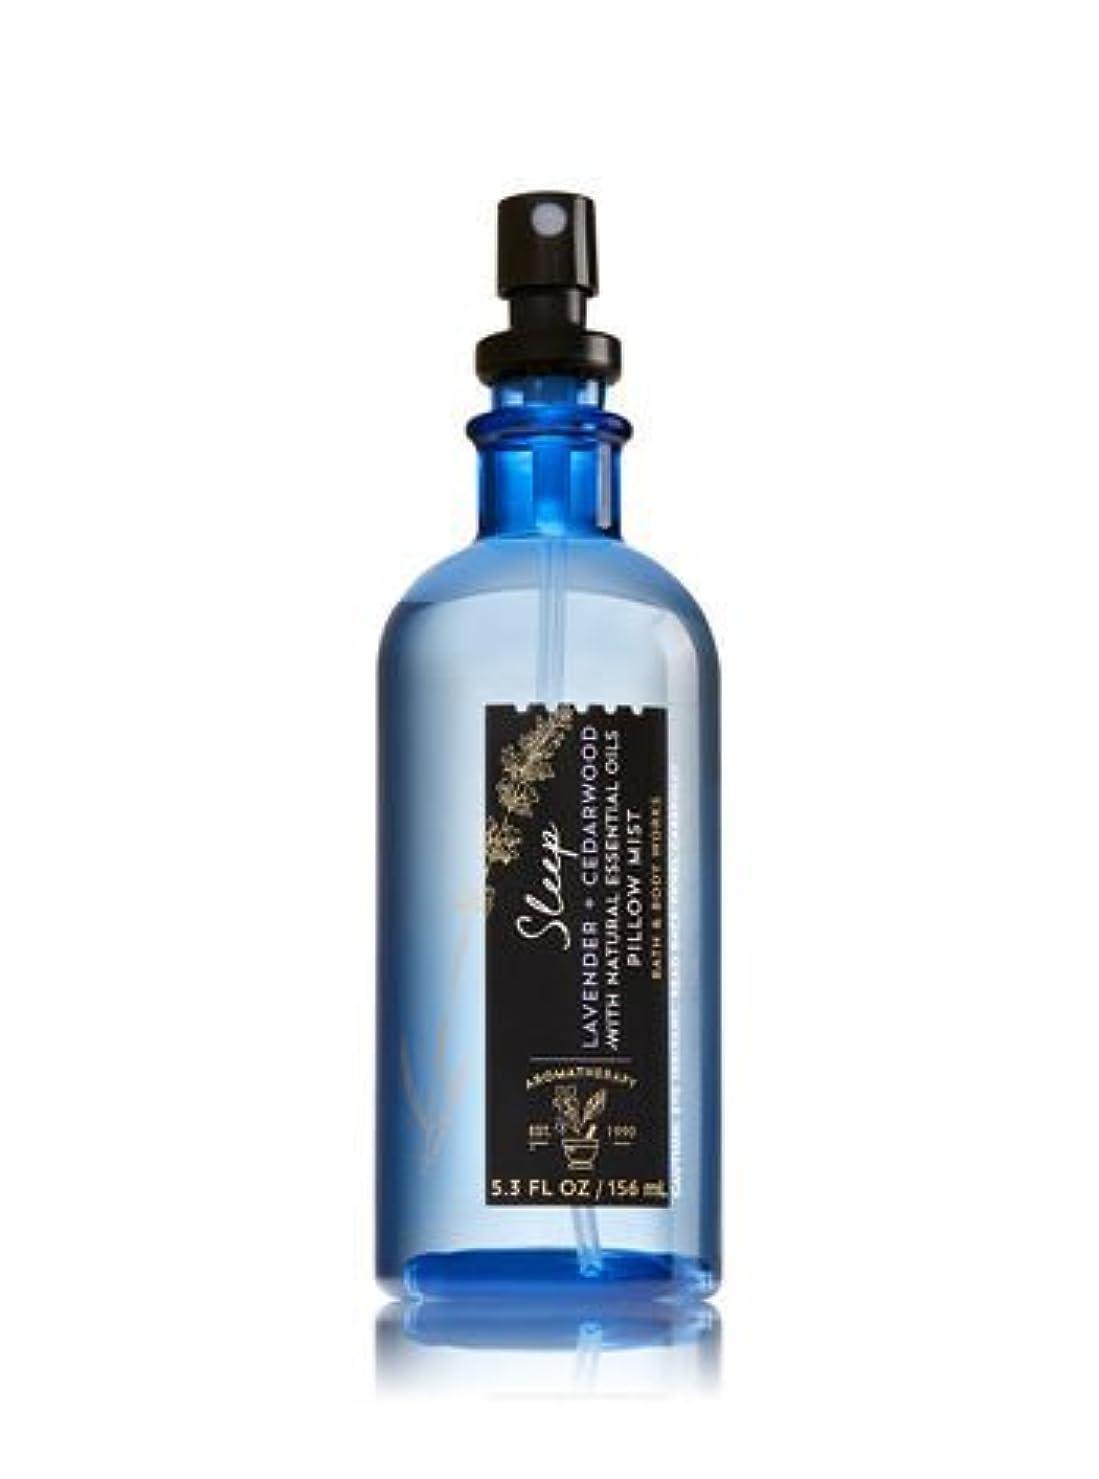 執着しみ入射【Bath&Body Works/バス&ボディワークス】 ピローミスト アロマセラピー スリープ ラベンダーシダーウッド Aromatherapy Pillow Mist Sleep Lavender Cedarwood 5.3 fl oz / 156 mL [並行輸入品]